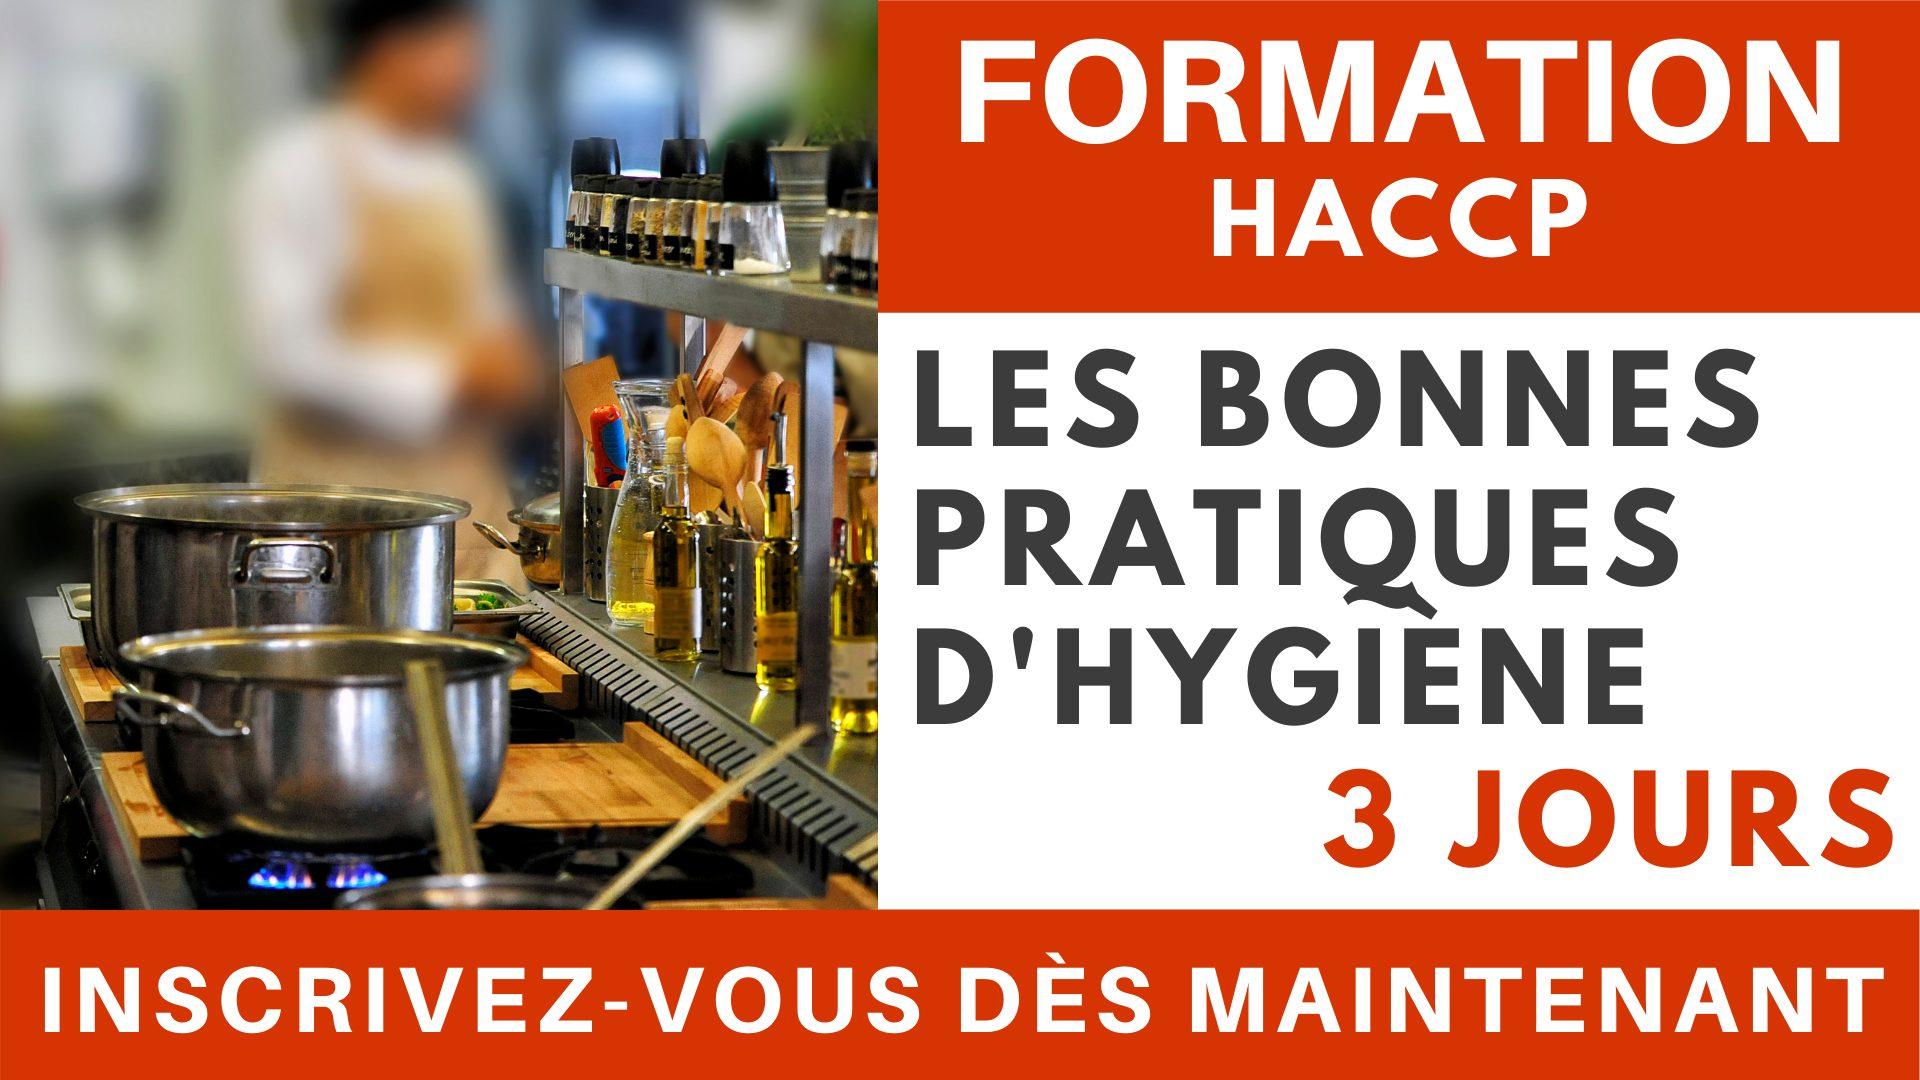 Formation HACCP - Les bonnes pratiques d'hygiène 3 jours